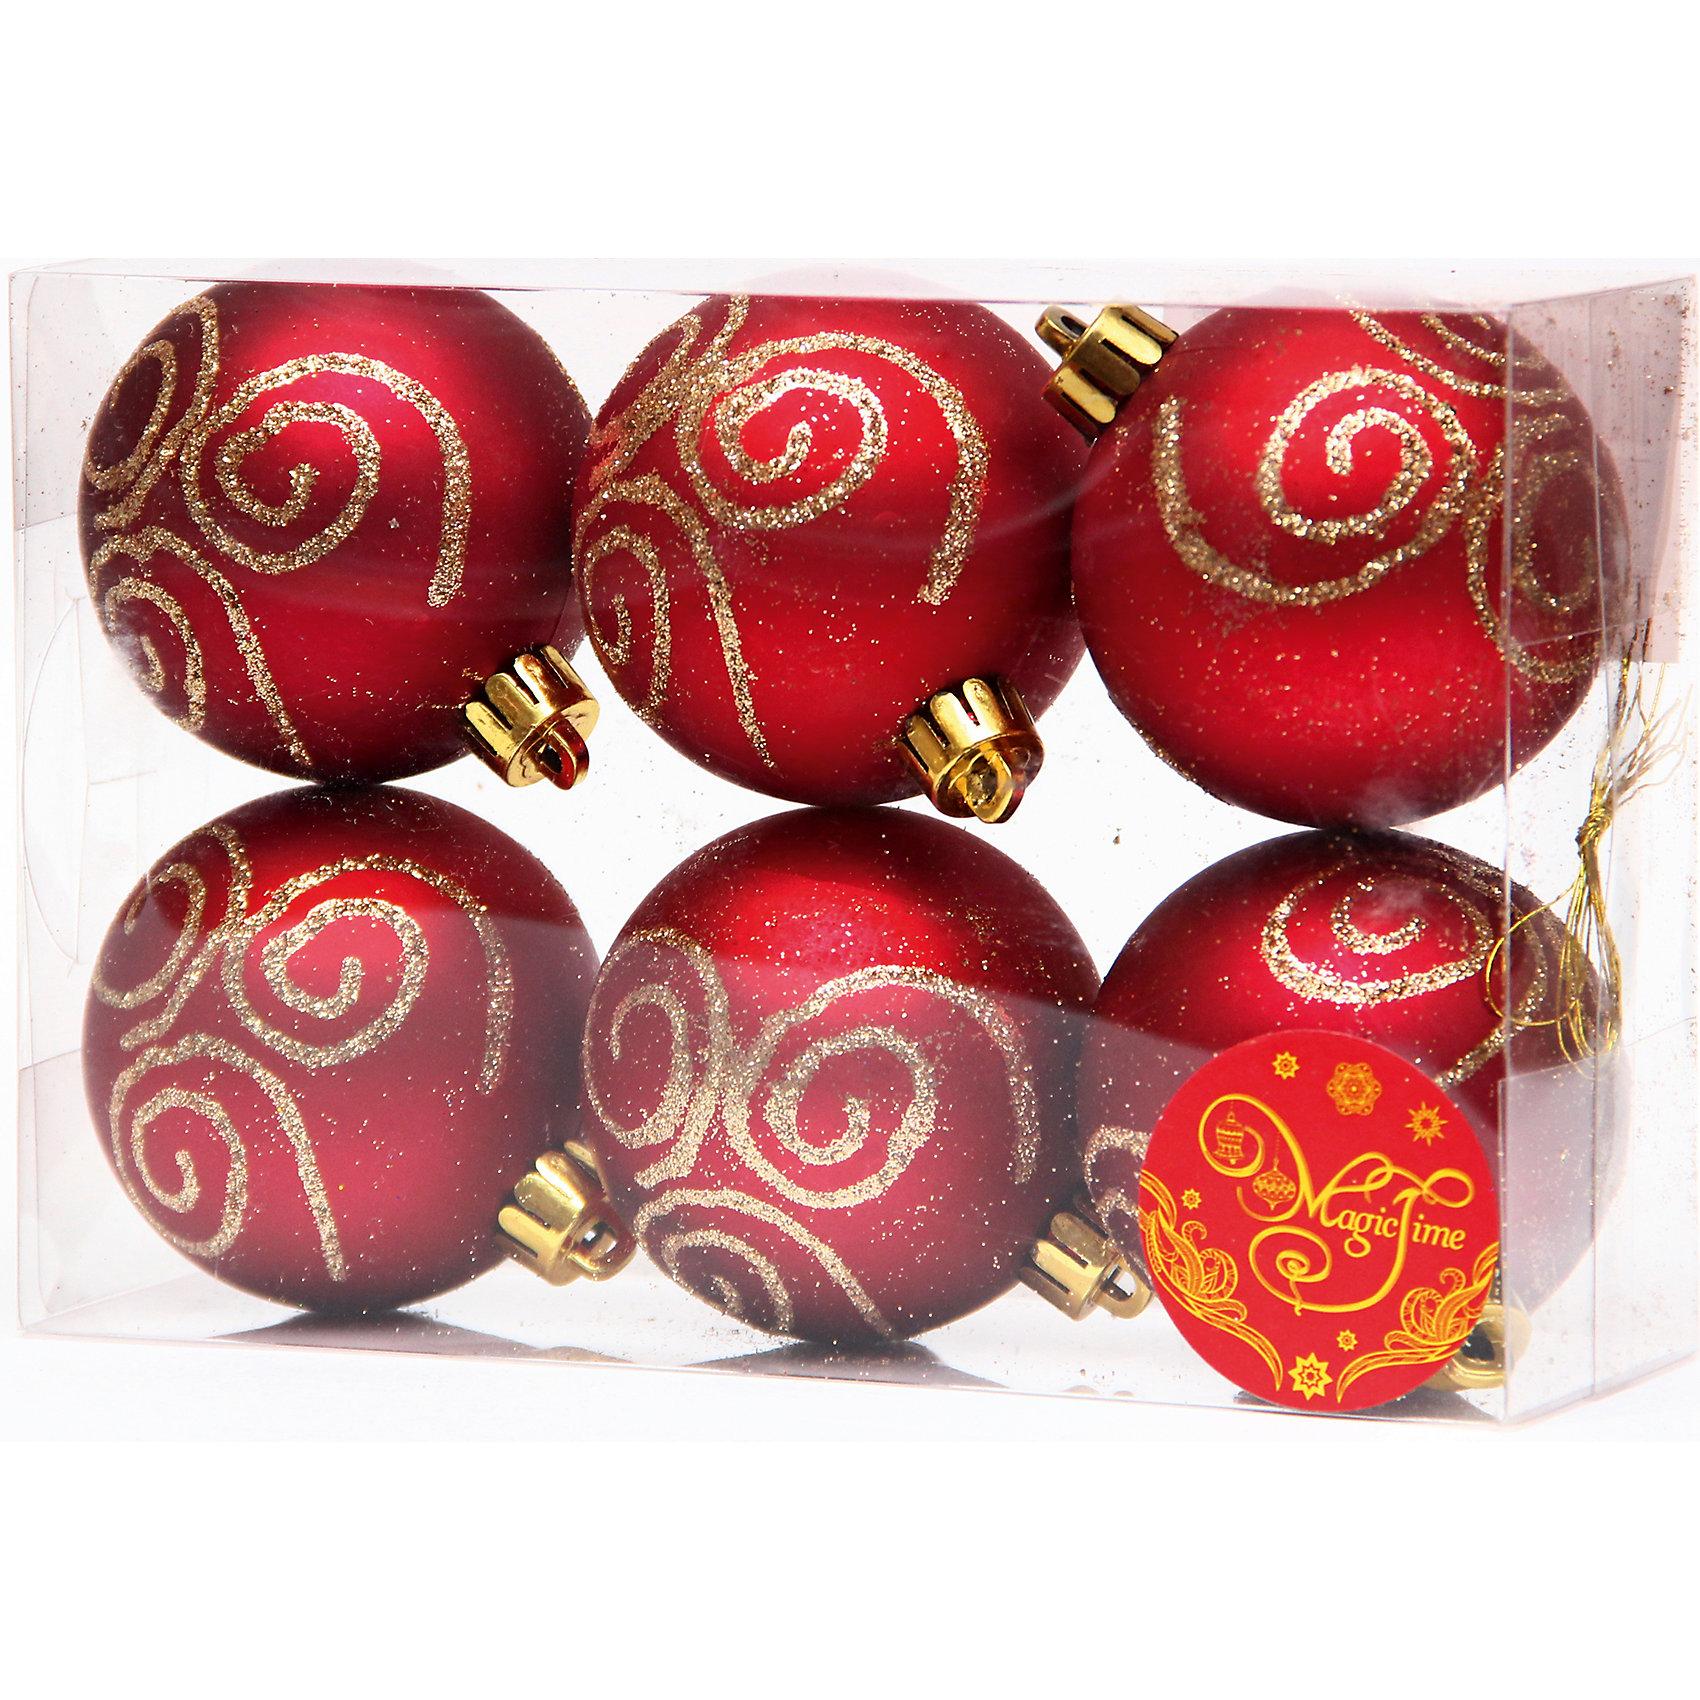 Набор шаров Красный с золотой вьюгой 6 штВсё для праздника<br>Набор шаров Красный с золотой вьюгой 6 шт – этот набор принесет в ваш дом ни с чем несравнимое ощущение праздника!<br>Набор новогодних подвесных украшений Красный с золотой вьюгой прекрасно подойдет для праздничного декора вашей ели. Набор состоит из 6 матовых шаров красного цвета, изготовленных из полистирола. Каждый шар украшен блестящими золотыми узорами. Для удобного размещения на елке для каждого шара предусмотрена петелька. Елочная игрушка - символ Нового года. Она несет в себе волшебство и красоту праздника. Создайте в своем доме атмосферу веселья и радости, украшая новогоднюю елку нарядными игрушками, которые будут из года в год накапливать теплоту воспоминаний. Откройте для себя удивительный мир сказок и грез. Почувствуйте волшебные минуты ожидания праздника, создайте новогоднее настроение вашим близким.<br><br>Дополнительная информация:<br><br>- В наборе: 6 шаров<br>- Материал: полистирол<br>- Цвет: красный, золотой<br>- Размер упаковки: 18 х 12 х 6 см.<br><br>Набор шаров Красный с золотой вьюгой 6 шт можно купить в нашем интернет-магазине.<br><br>Ширина мм: 300<br>Глубина мм: 250<br>Высота мм: 100<br>Вес г: 570<br>Возраст от месяцев: 36<br>Возраст до месяцев: 2147483647<br>Пол: Унисекс<br>Возраст: Детский<br>SKU: 4981551